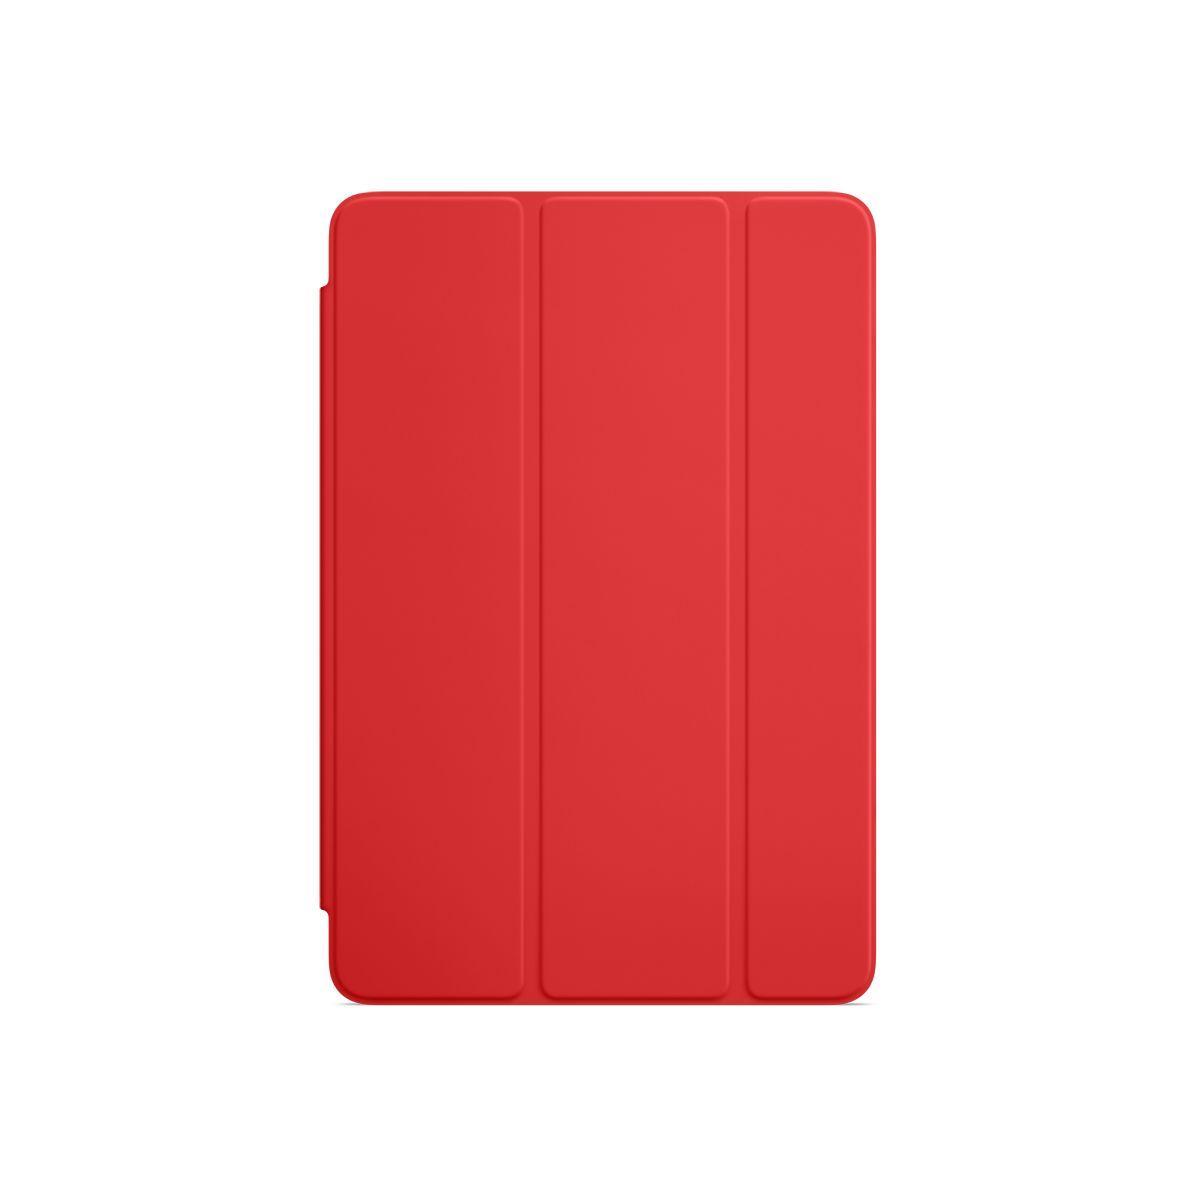 Cover apple silicone rouge ipad mini 4